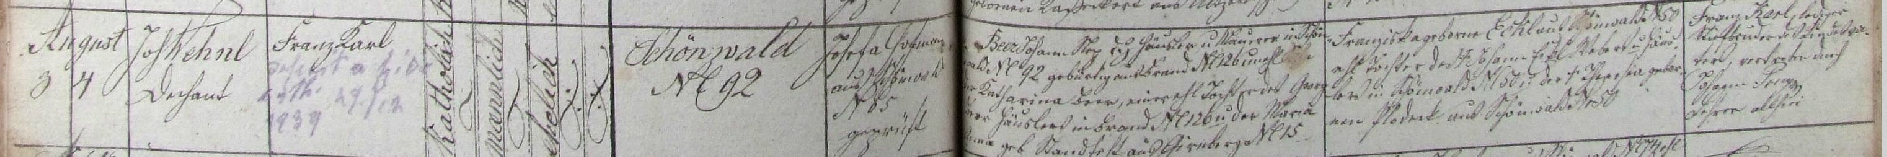 Ze záznamu v matrice farní obce Schönwald (dnes Lesná) vysvítá, že se tu ve stavení čp. 92 narodil dne 3. srpna roku 1879 a byl den nato děkanem Johannem Wehnlem ve zdejším kostele sv. Petra a Pavla i pokřtěn jménem Franz Karl Beer, že novorozencův otec Johann Beer, domkář a zedník v rodném stavení chlapcově, se narodil v obci Brand (dnes Milíře) čp. 126 jako nemanželský syn Kathariny Beerové, manželské dcery Georga Beera z Brandu čp. 126 a Marie Anny, roz. Standfestové z Girnbergu (dnes Zadní Milíře, čast obce Milíře) čp. 5, že matka novorozencova Franziska byla manželskou dcerou tkalce a domkáře v Schönwaldu čp. 50 Johanna Eckla a Theresie, roz. Plodeckové ze Schönwaldu čp. 50, posléze že kmotr dítěte Franz Karl, neženatý bratr novorozencova otce, se dal zastupovat zdejším učitelem Johannem Preyem - z pozdějšího přípisu se pak ještě dovídáme, že se Karl Beer dne 29. prosince roku 1939 zřekl katolické víry (deficit a fide kath.)